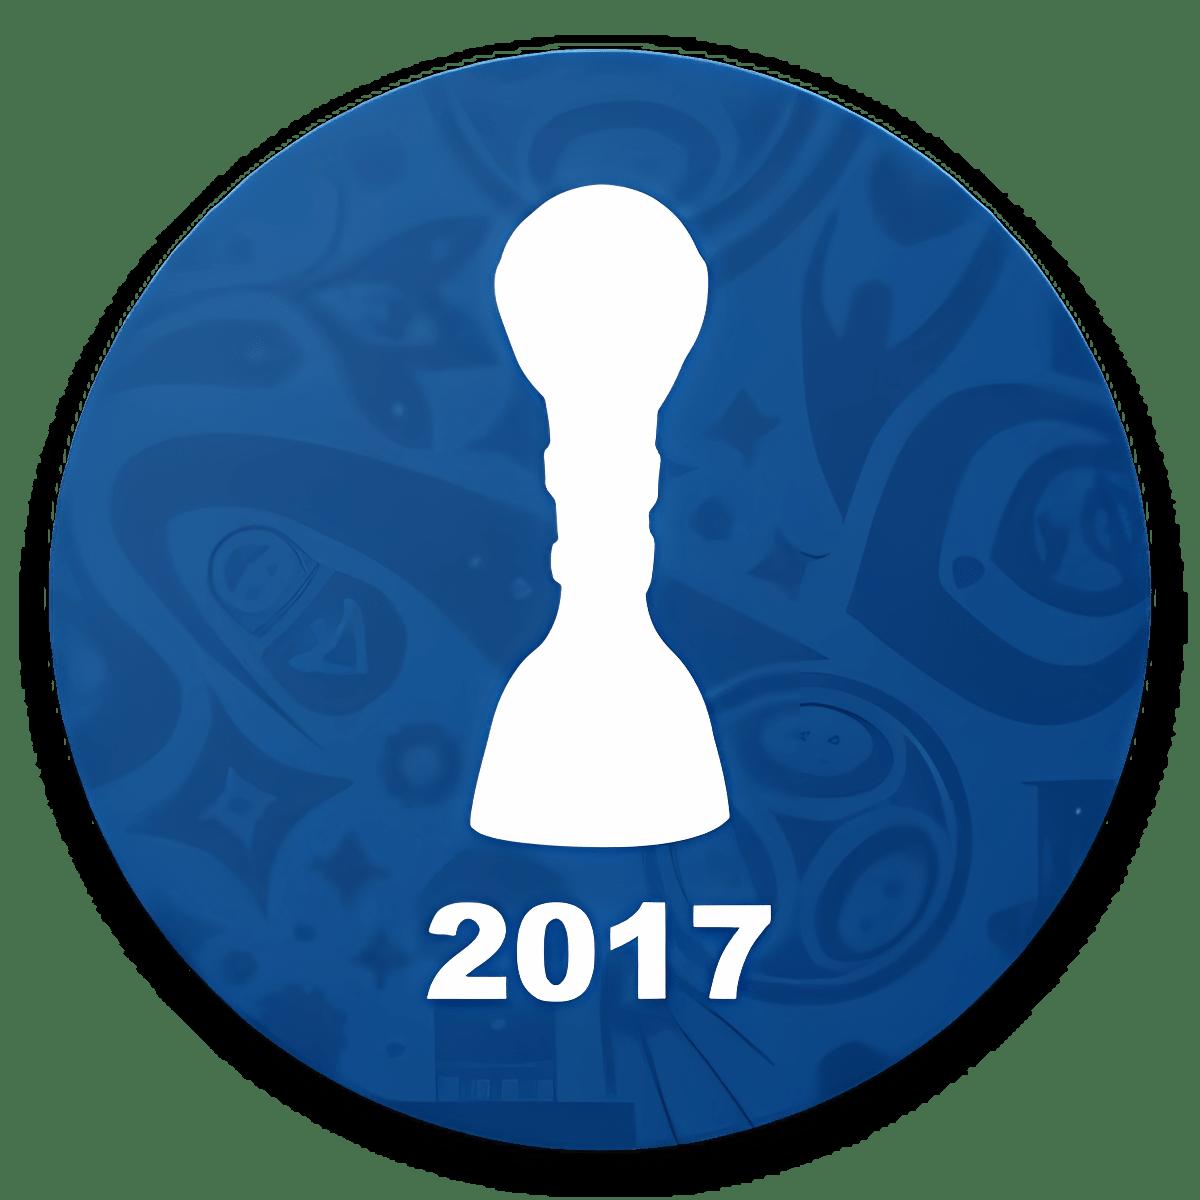 Russia Confederations Cup 2017 1.2